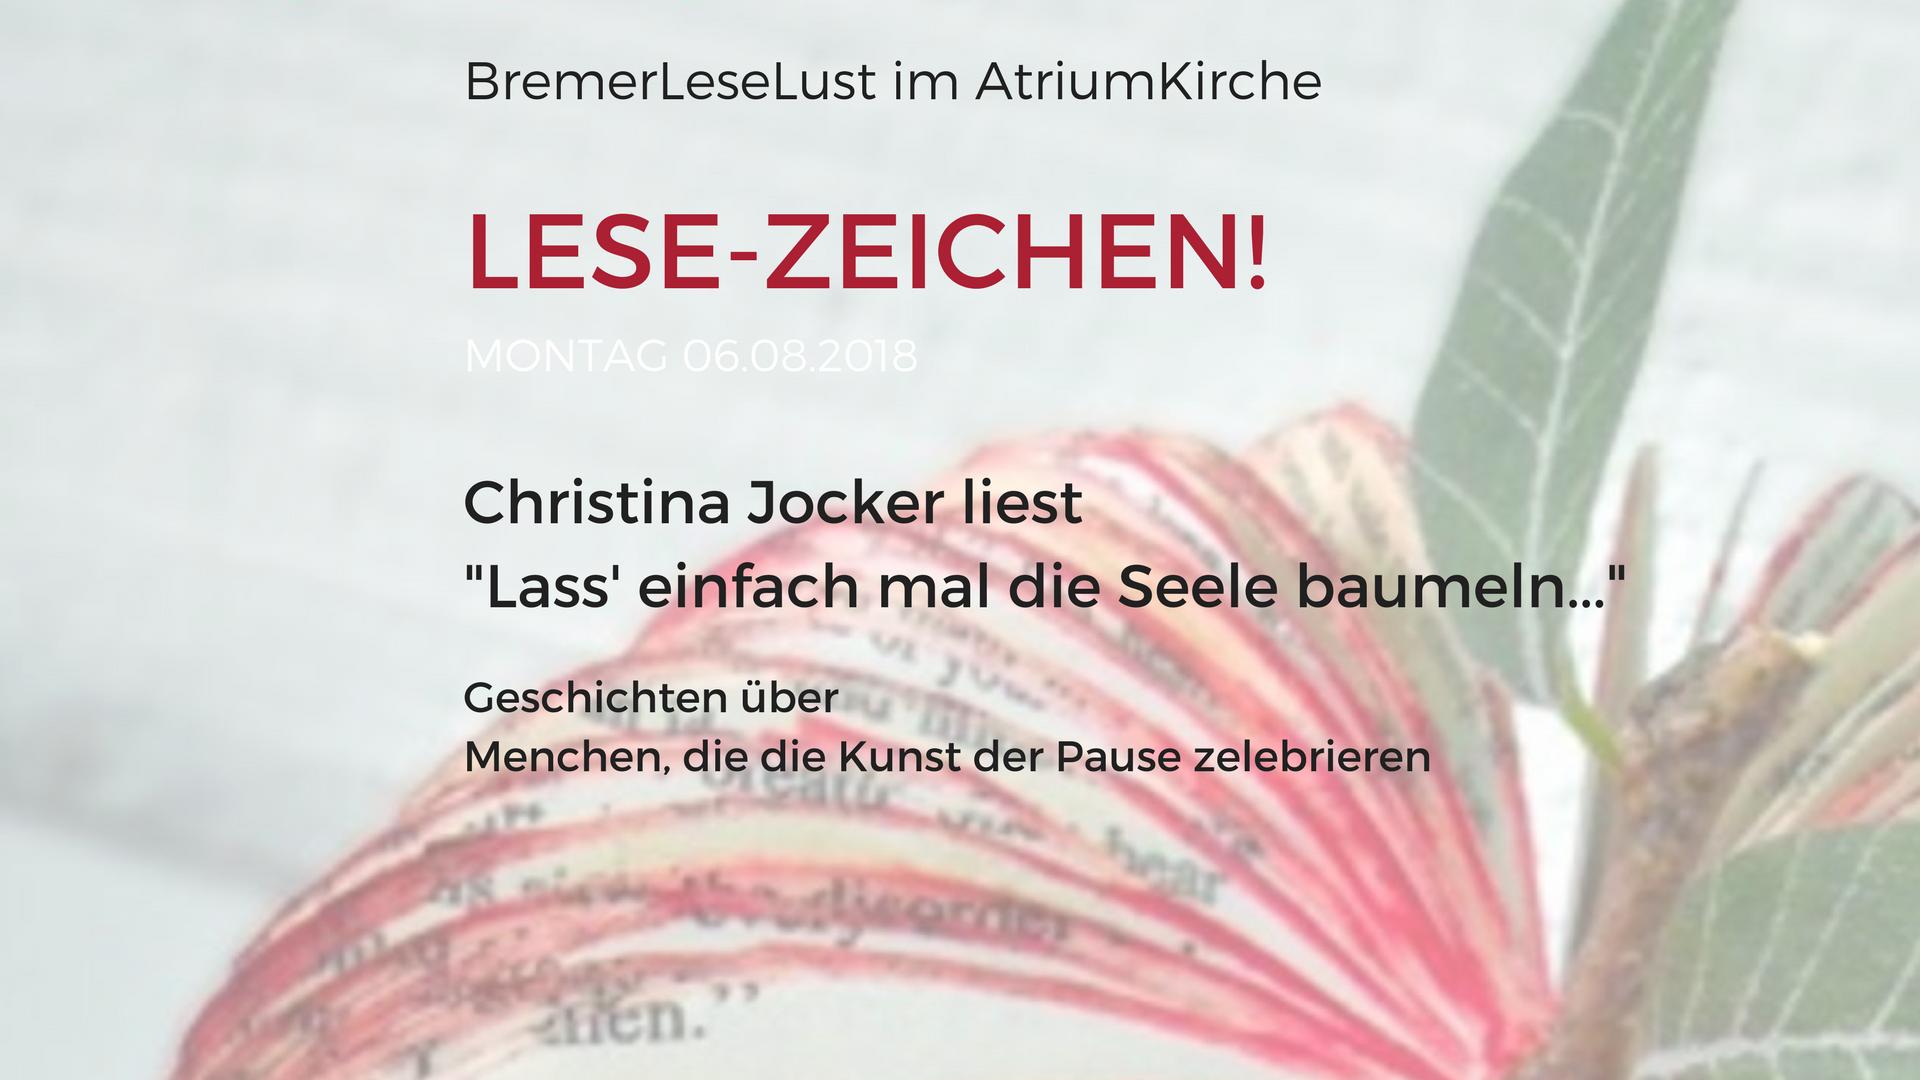 Lese-zeichen, lass einfach mal deie Seele baumeln BremerLeseLust August 2018